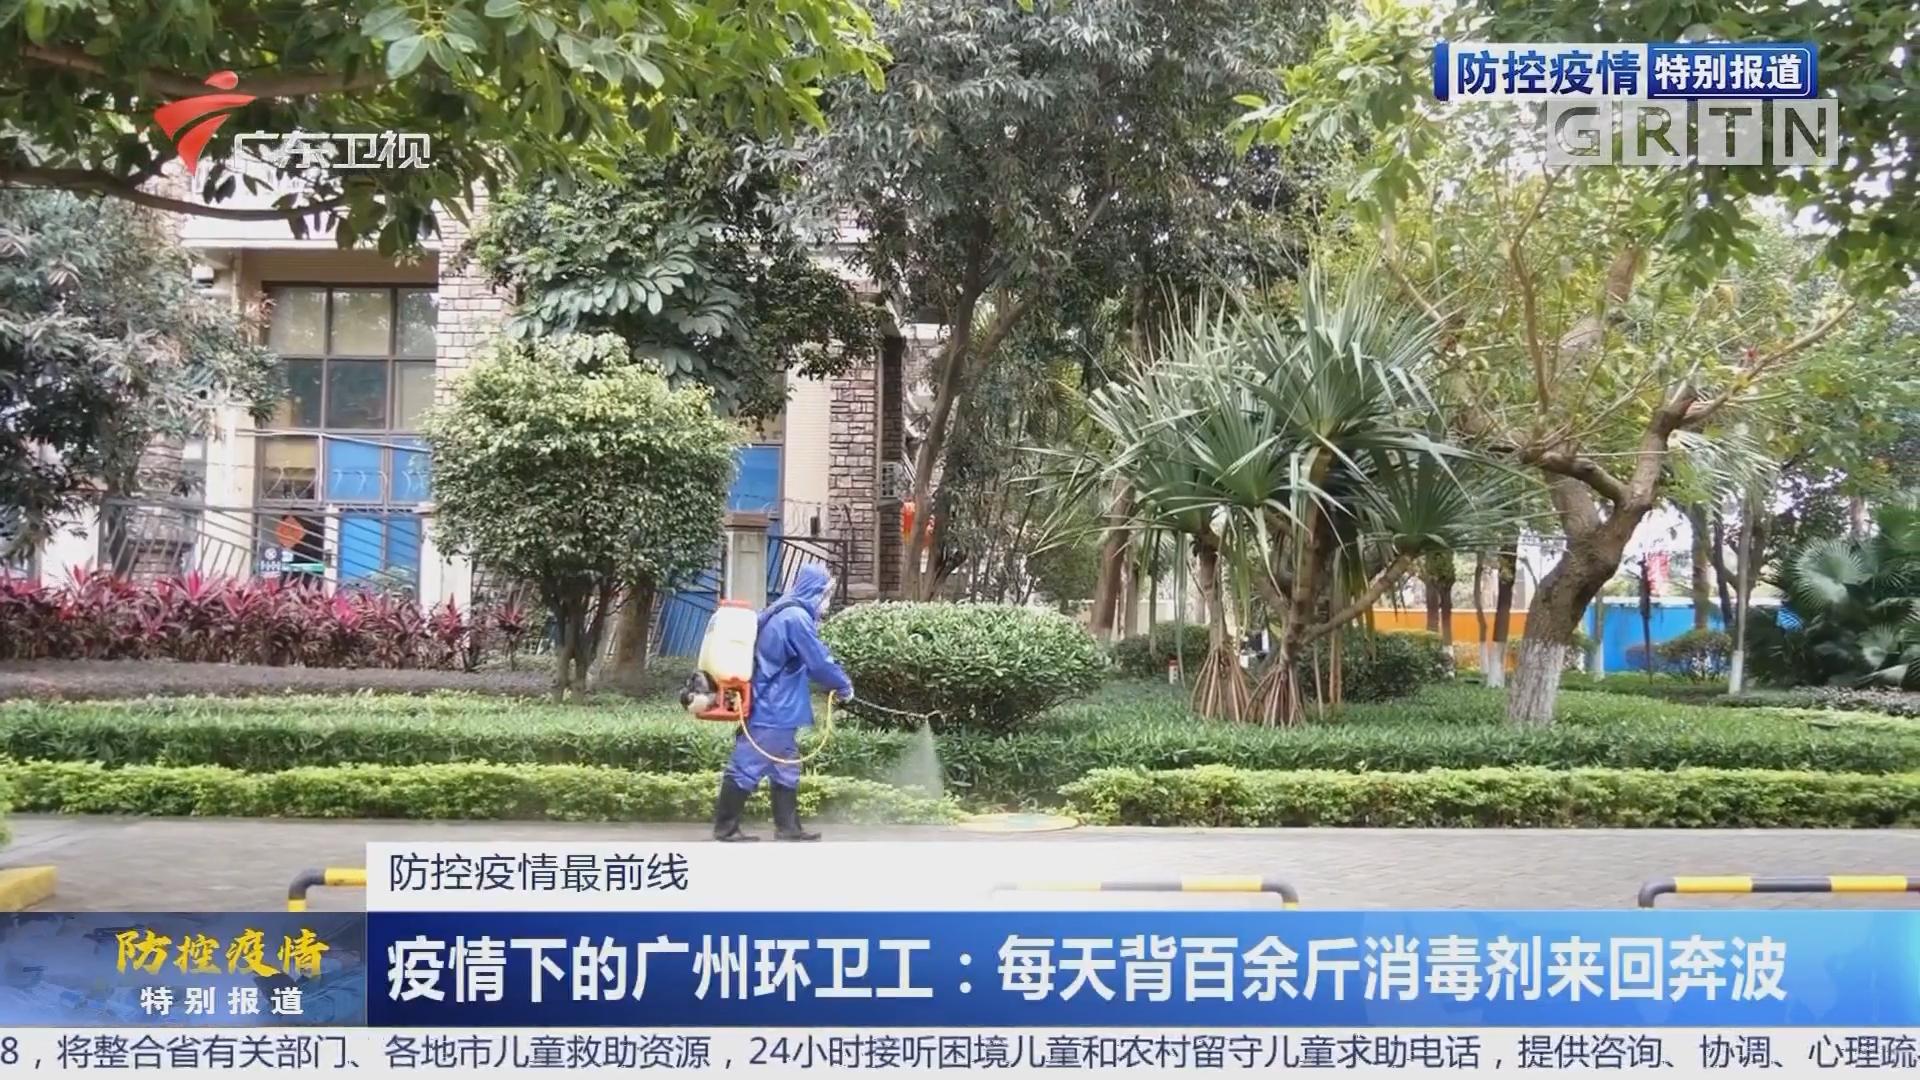 防控疫情最前线 疫情下的广州环卫工:每天背着百余斤消毒剂来回奔波